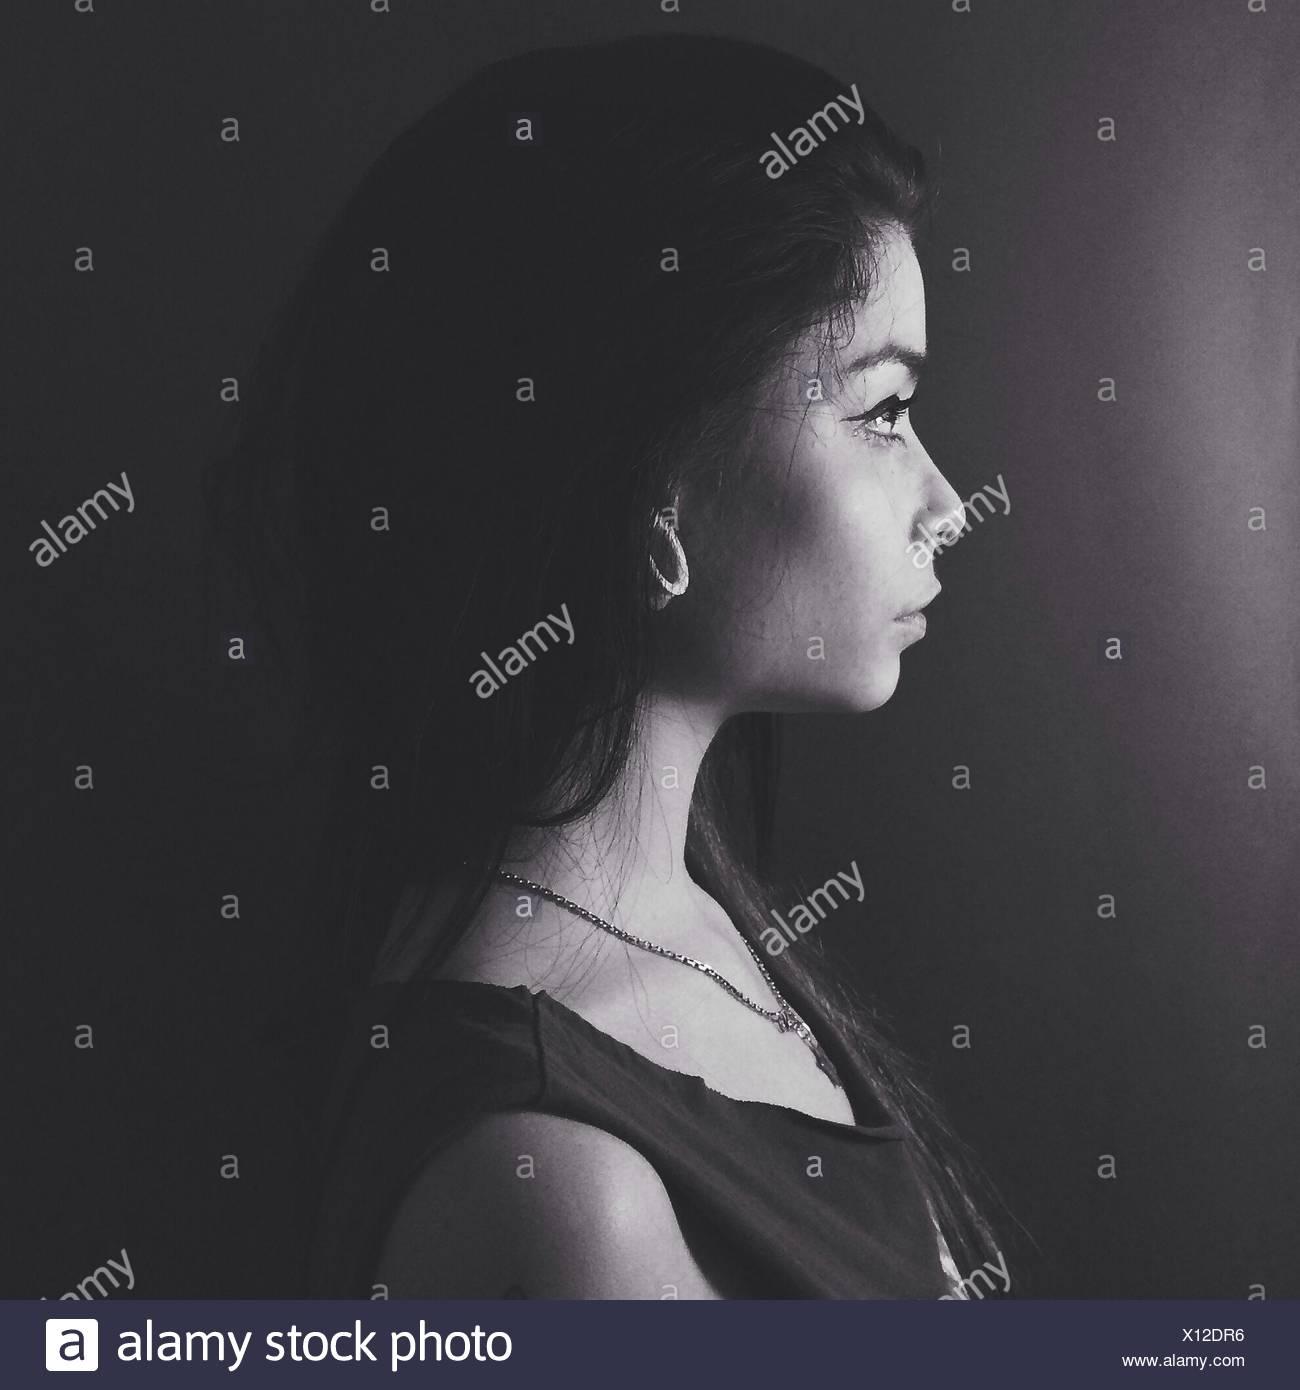 Seitenansicht eines junge nachdenkliche Frau über Plain-Hintergrund Stockbild